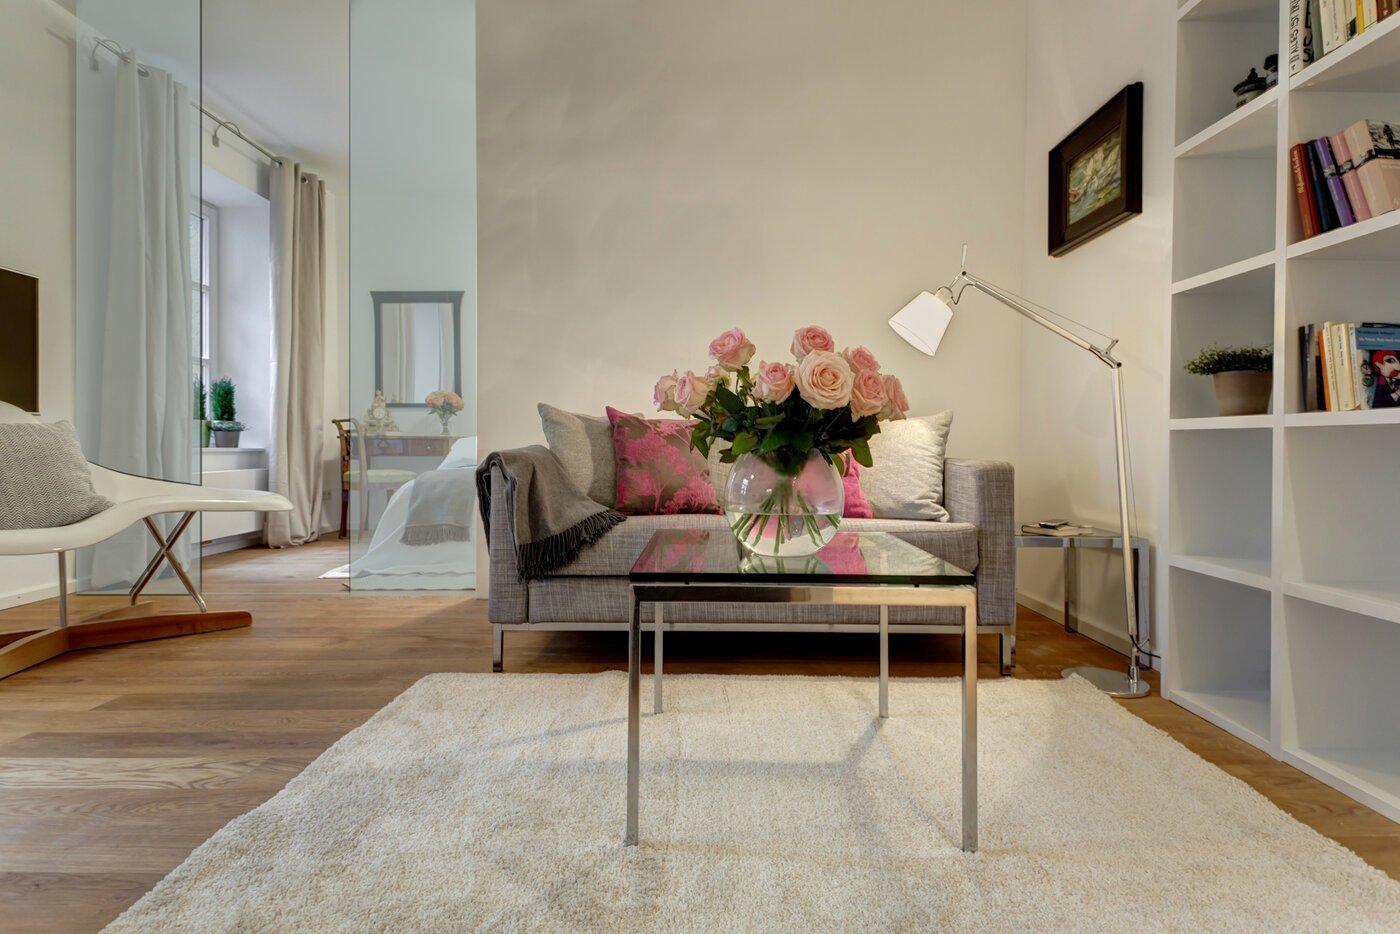 2 zimmer wohnung m bliert balkon m nchen schwabing 6545. Black Bedroom Furniture Sets. Home Design Ideas